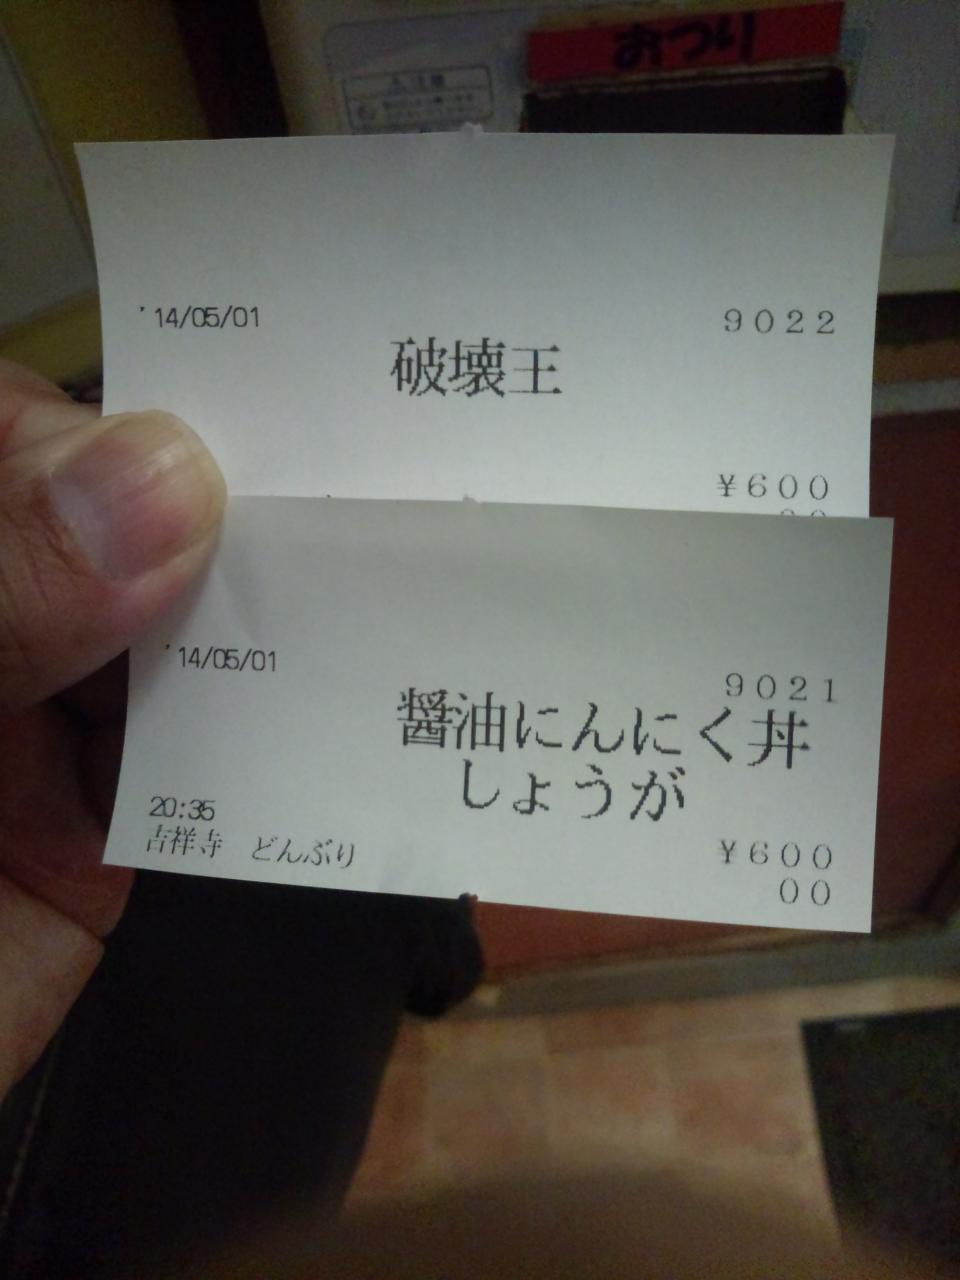 吉祥寺どんぶり(メニュー)